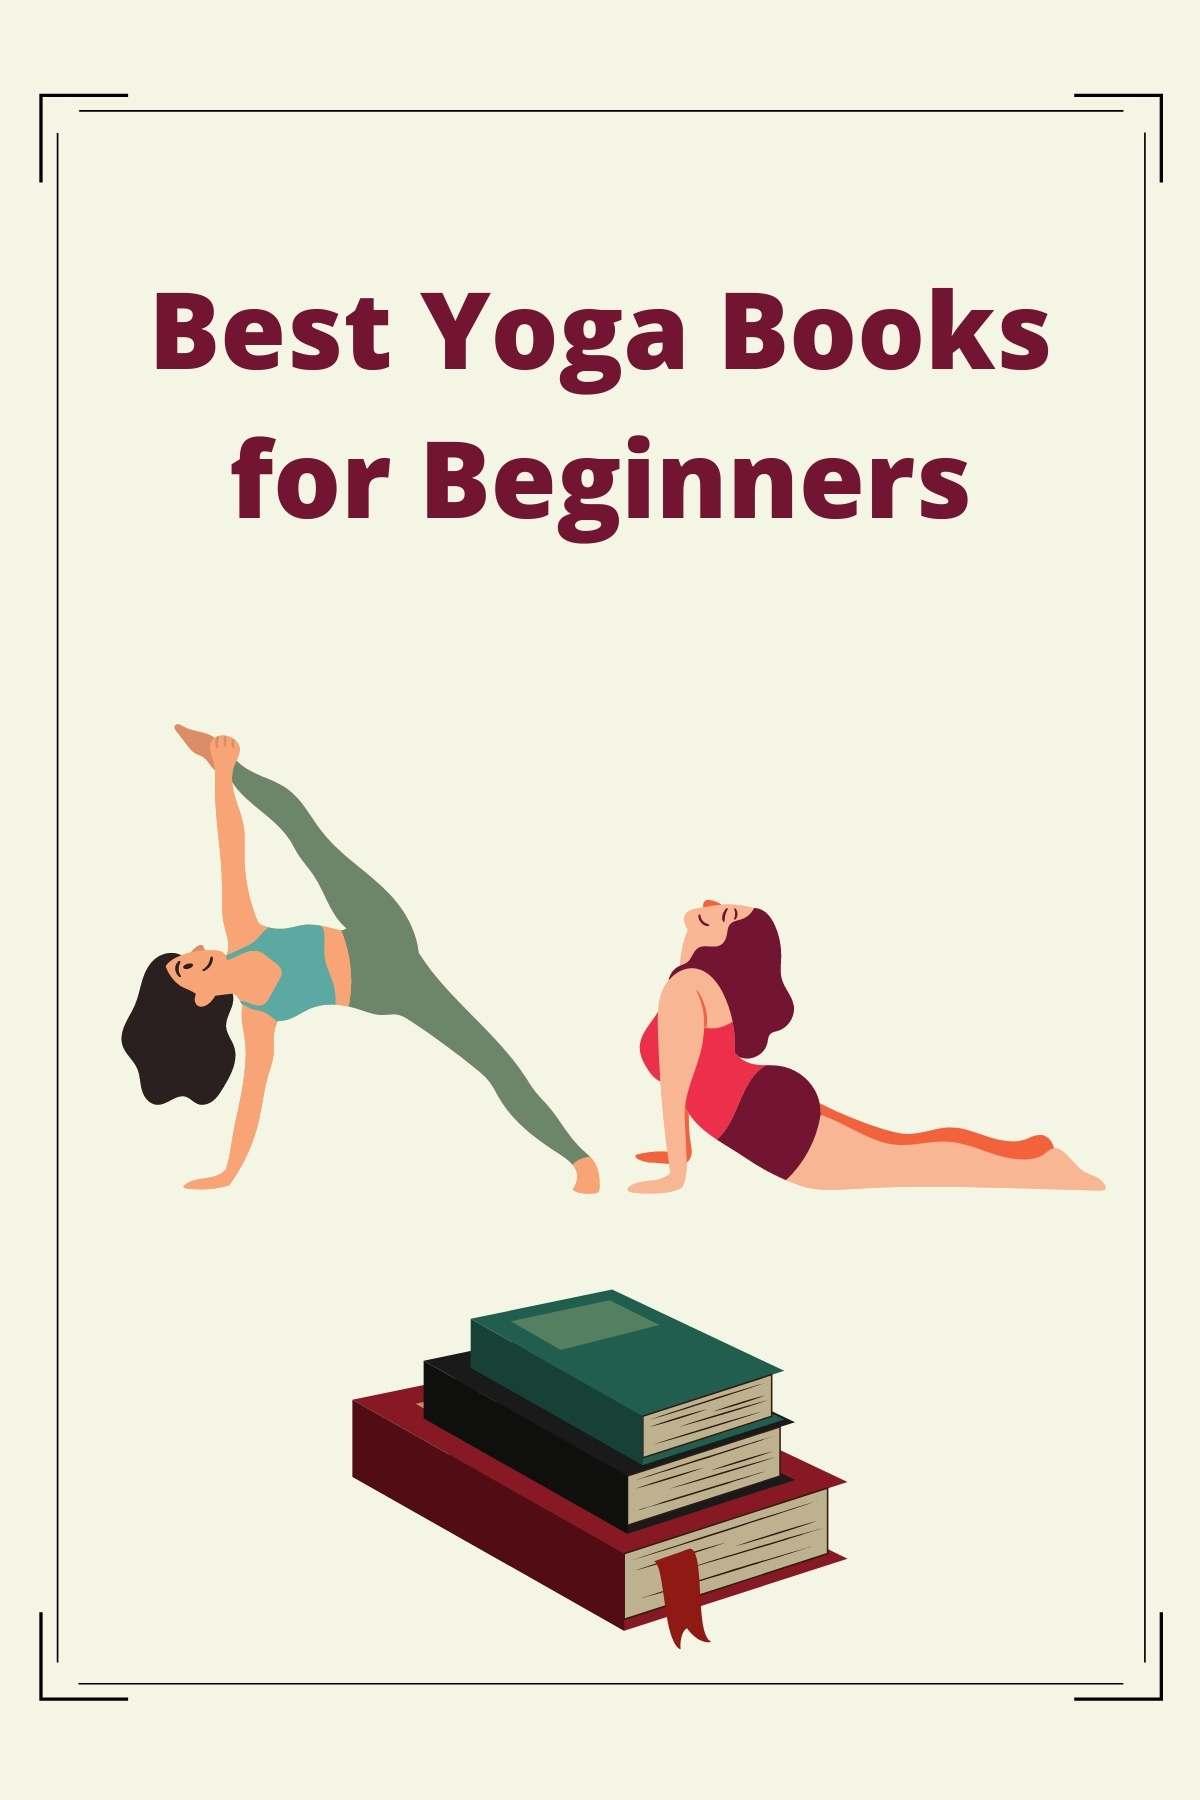 Best Yoga Books for Beginners